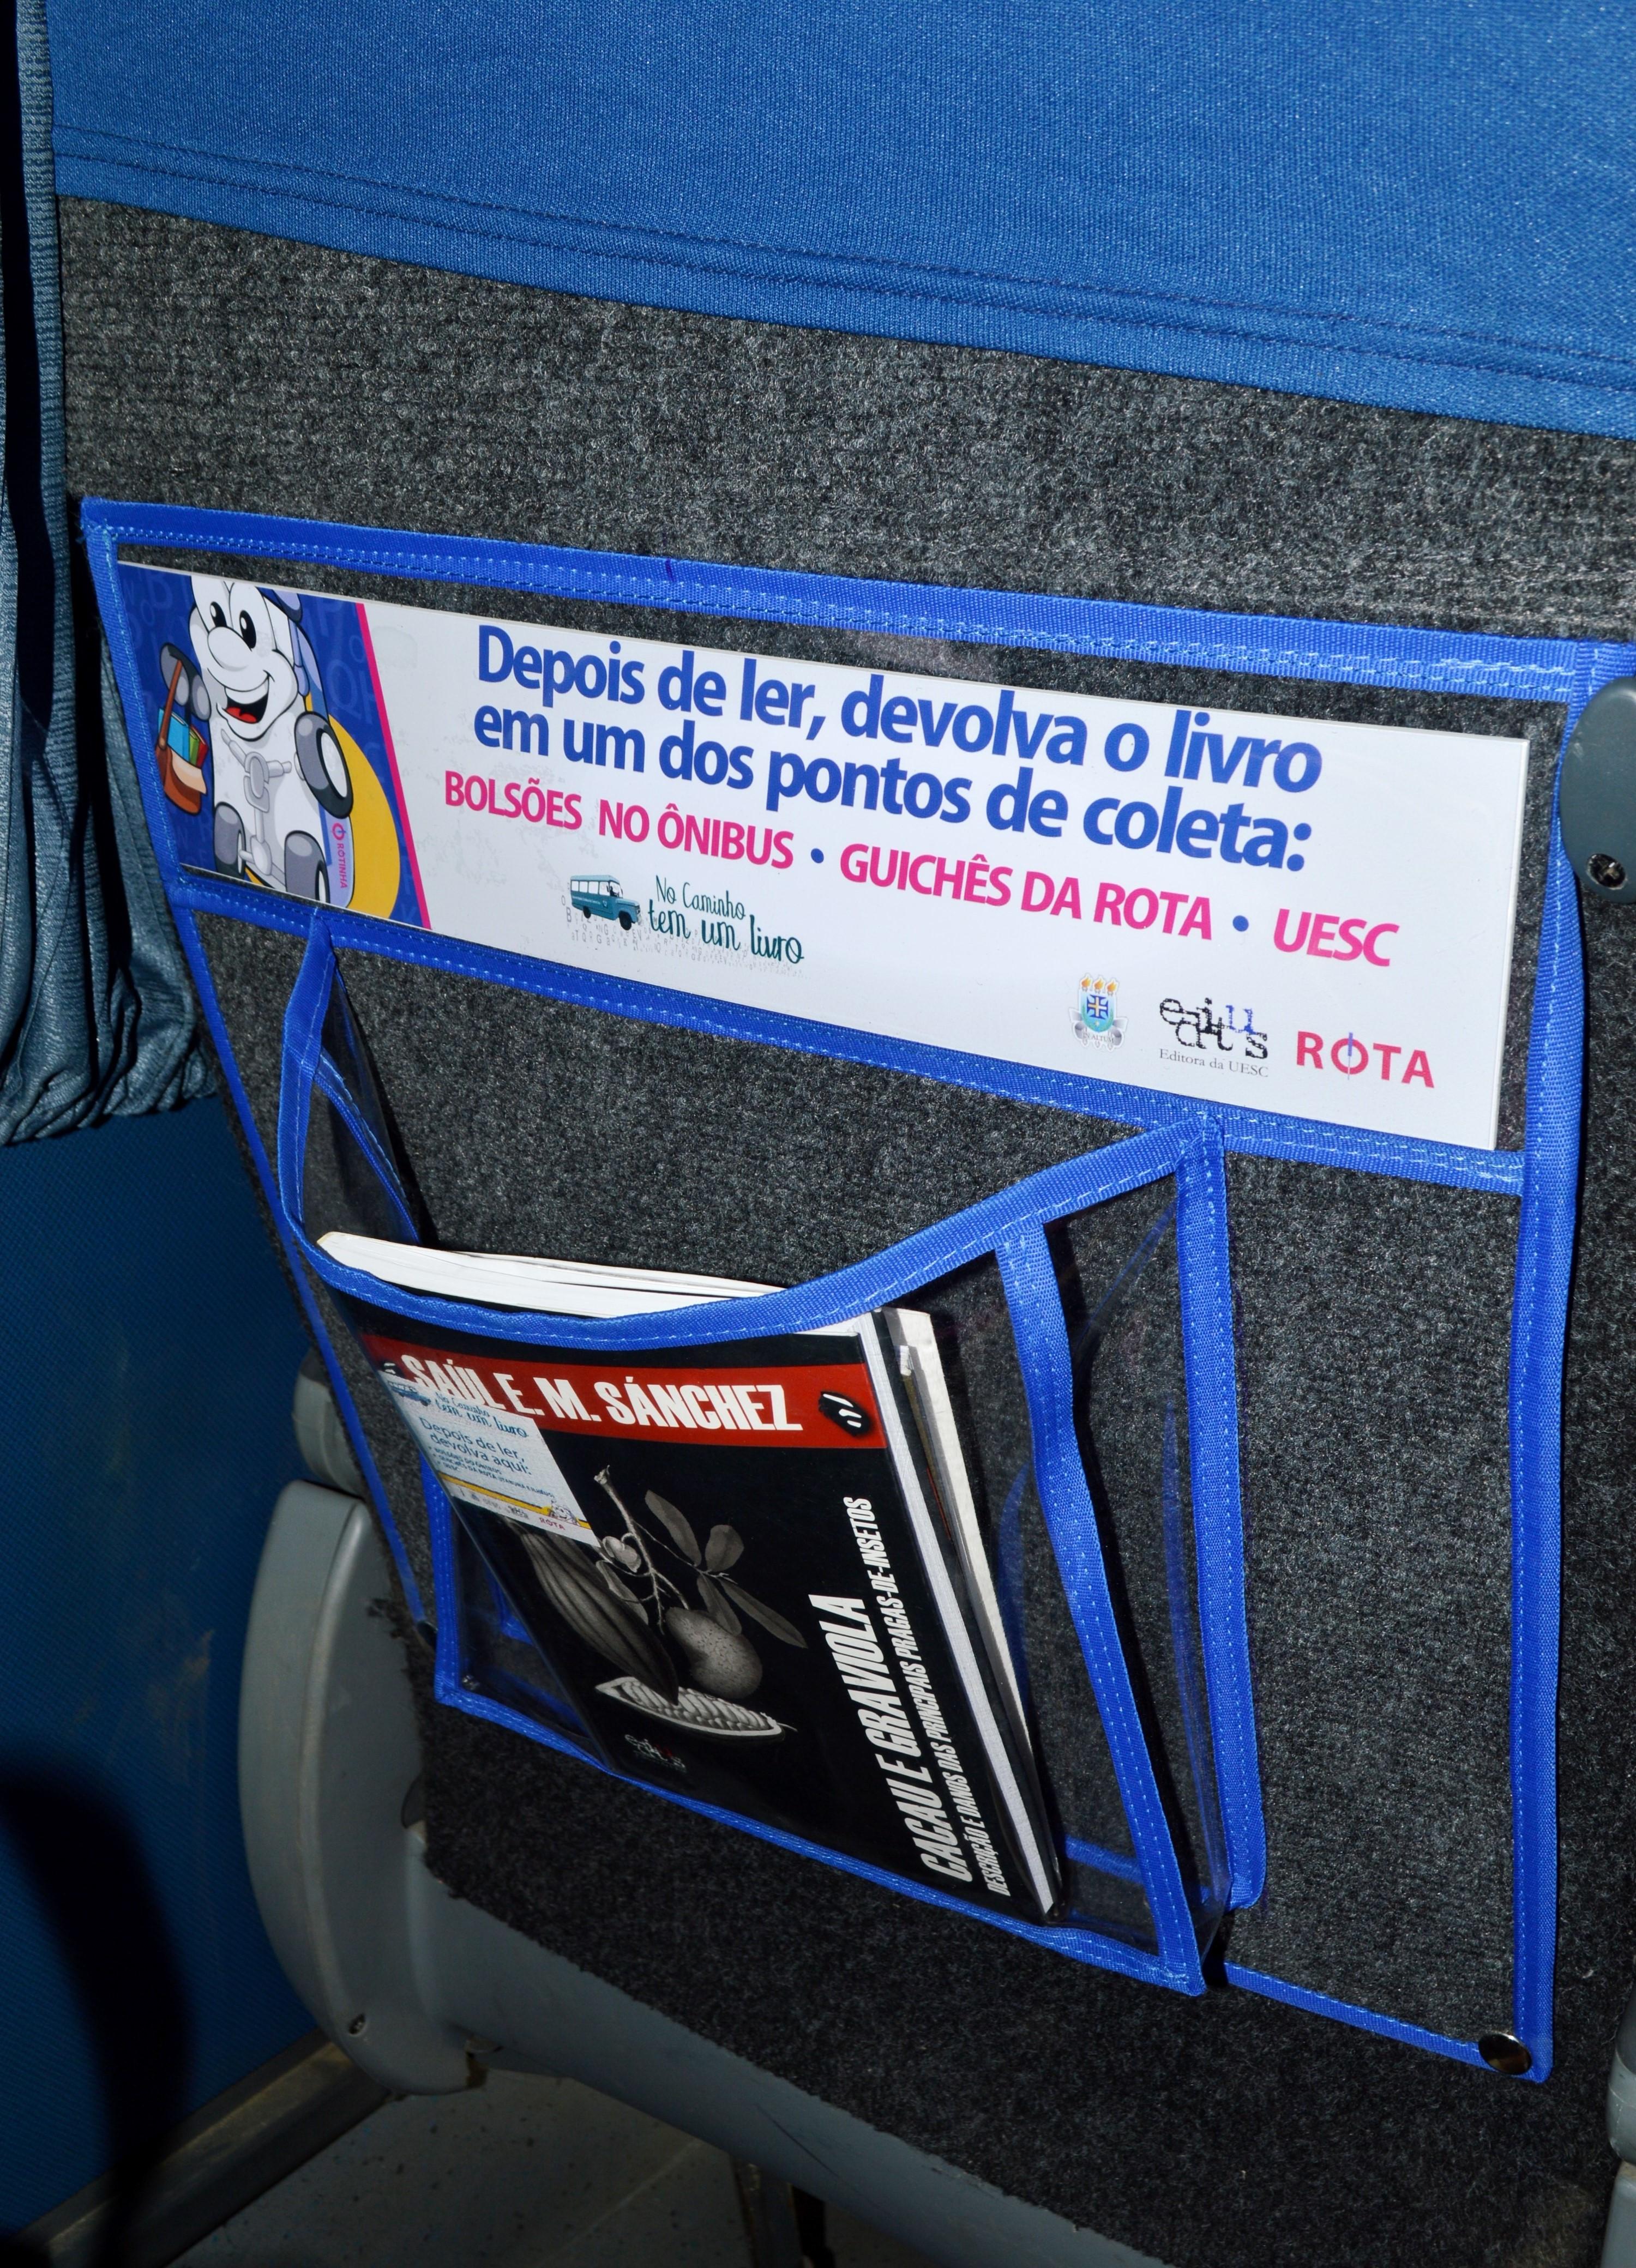 Nos bolsões dos ônibus, livros de diversas áreas